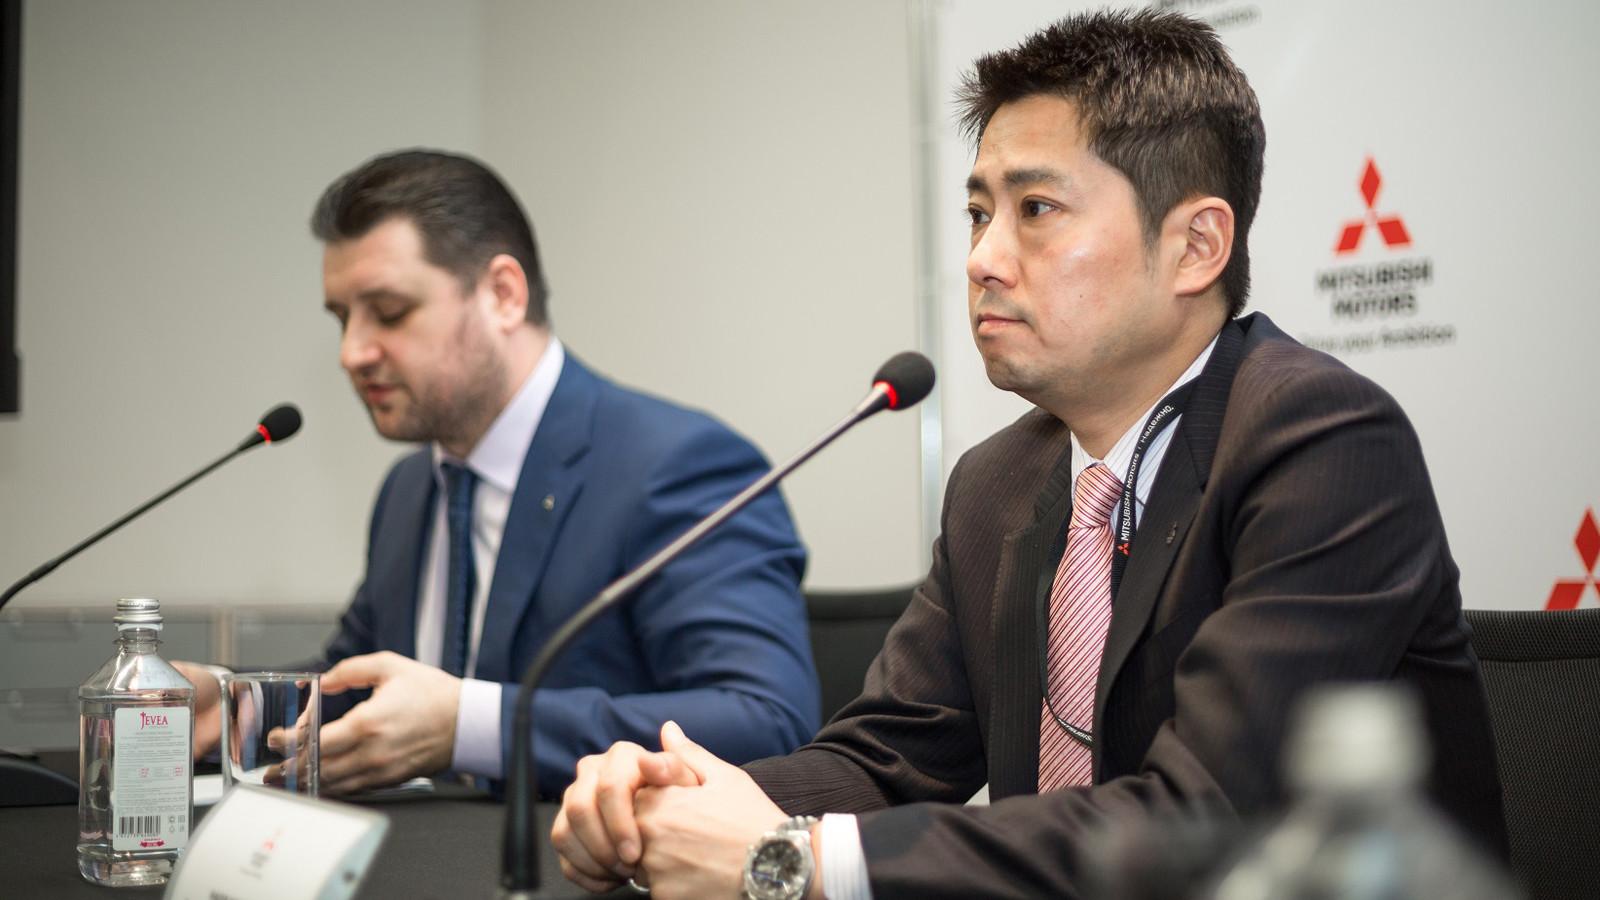 Митцубиси планирует на60% увеличить продажи вРФ в 2018-ом году